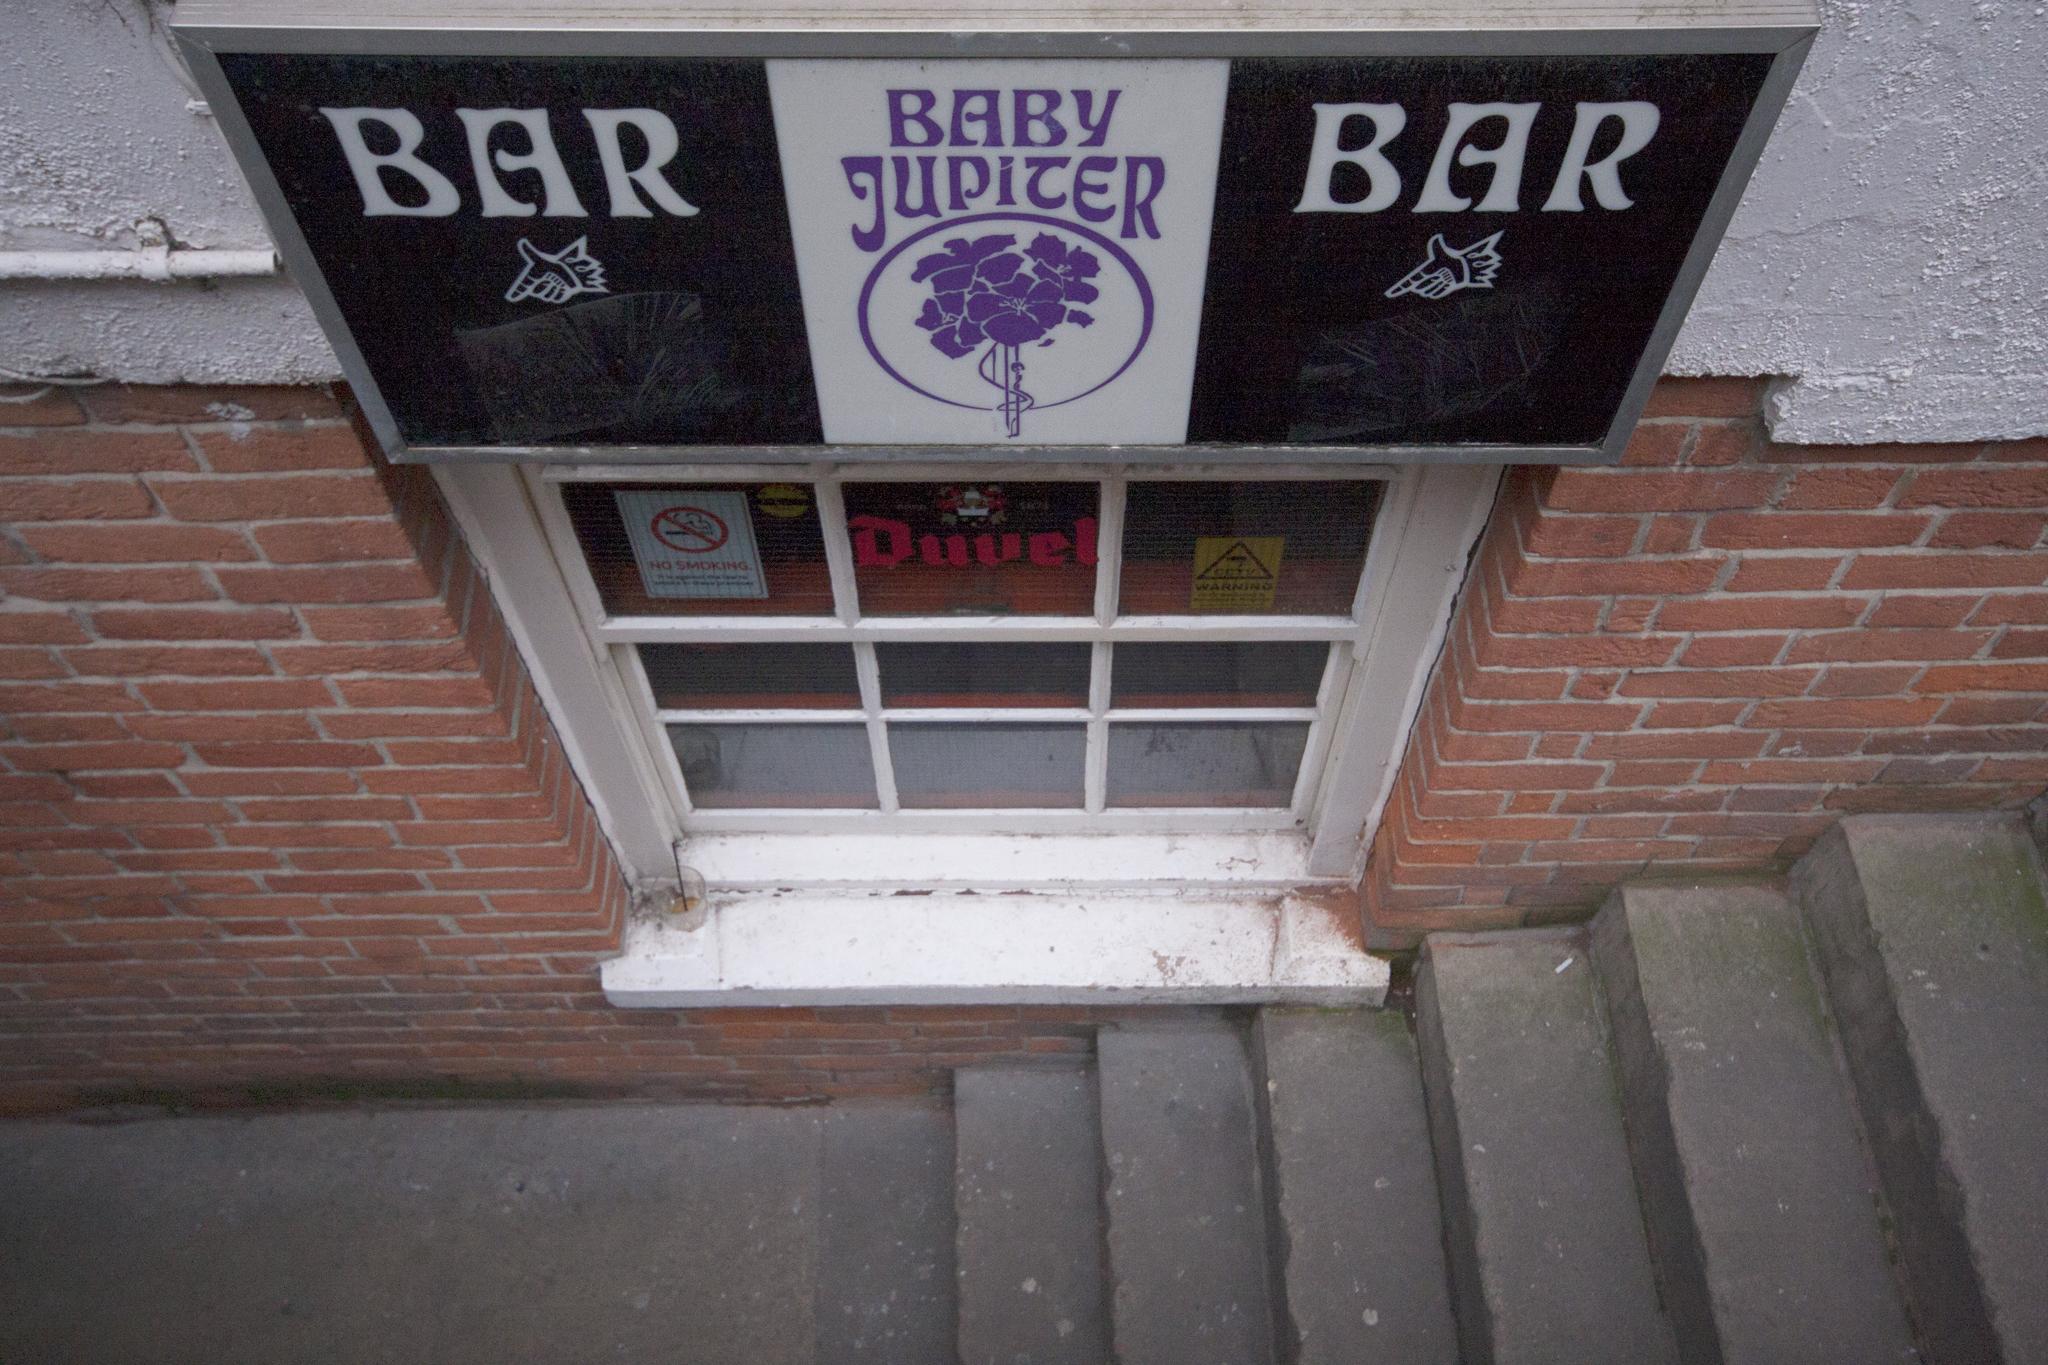 Baby Jupiter, Bars, Cocktail, Leeds